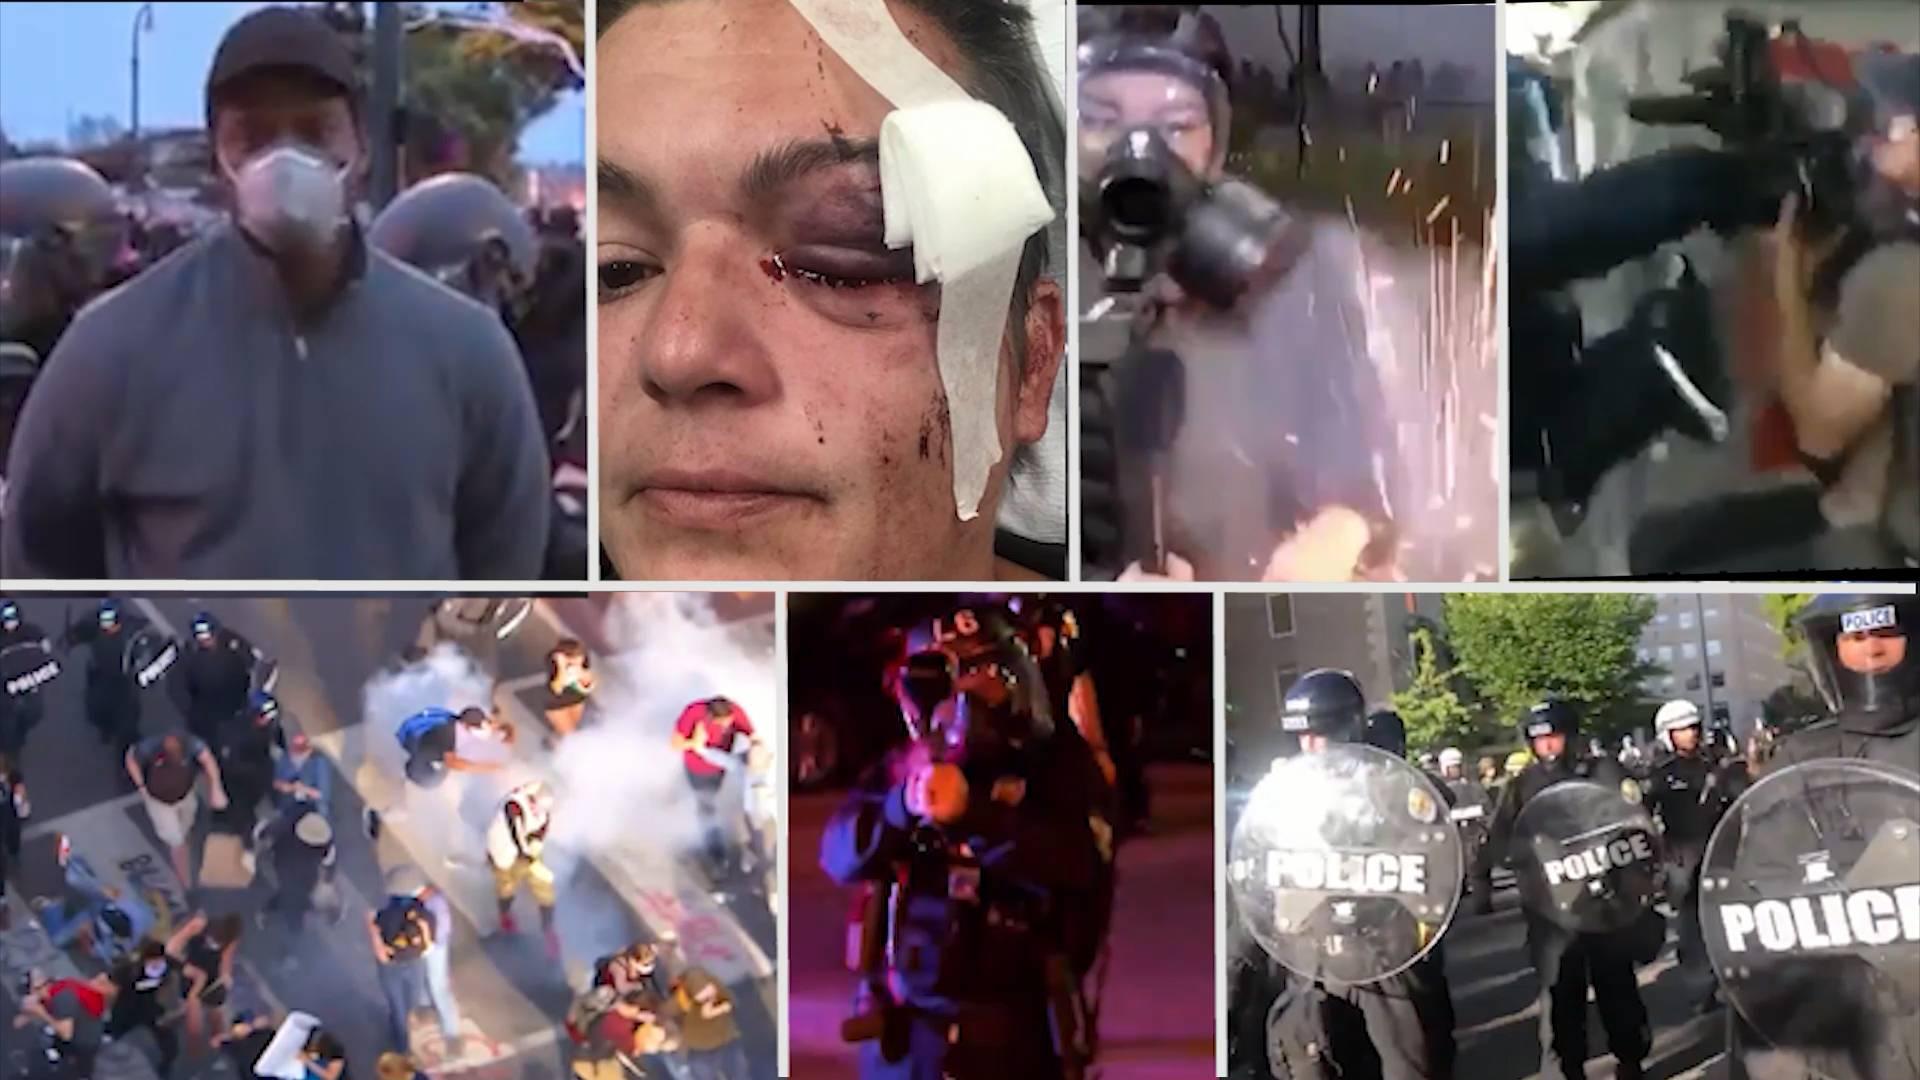 被逮捕、暴打、射击……多国媒体工作者遭遇美国警察暴力执法